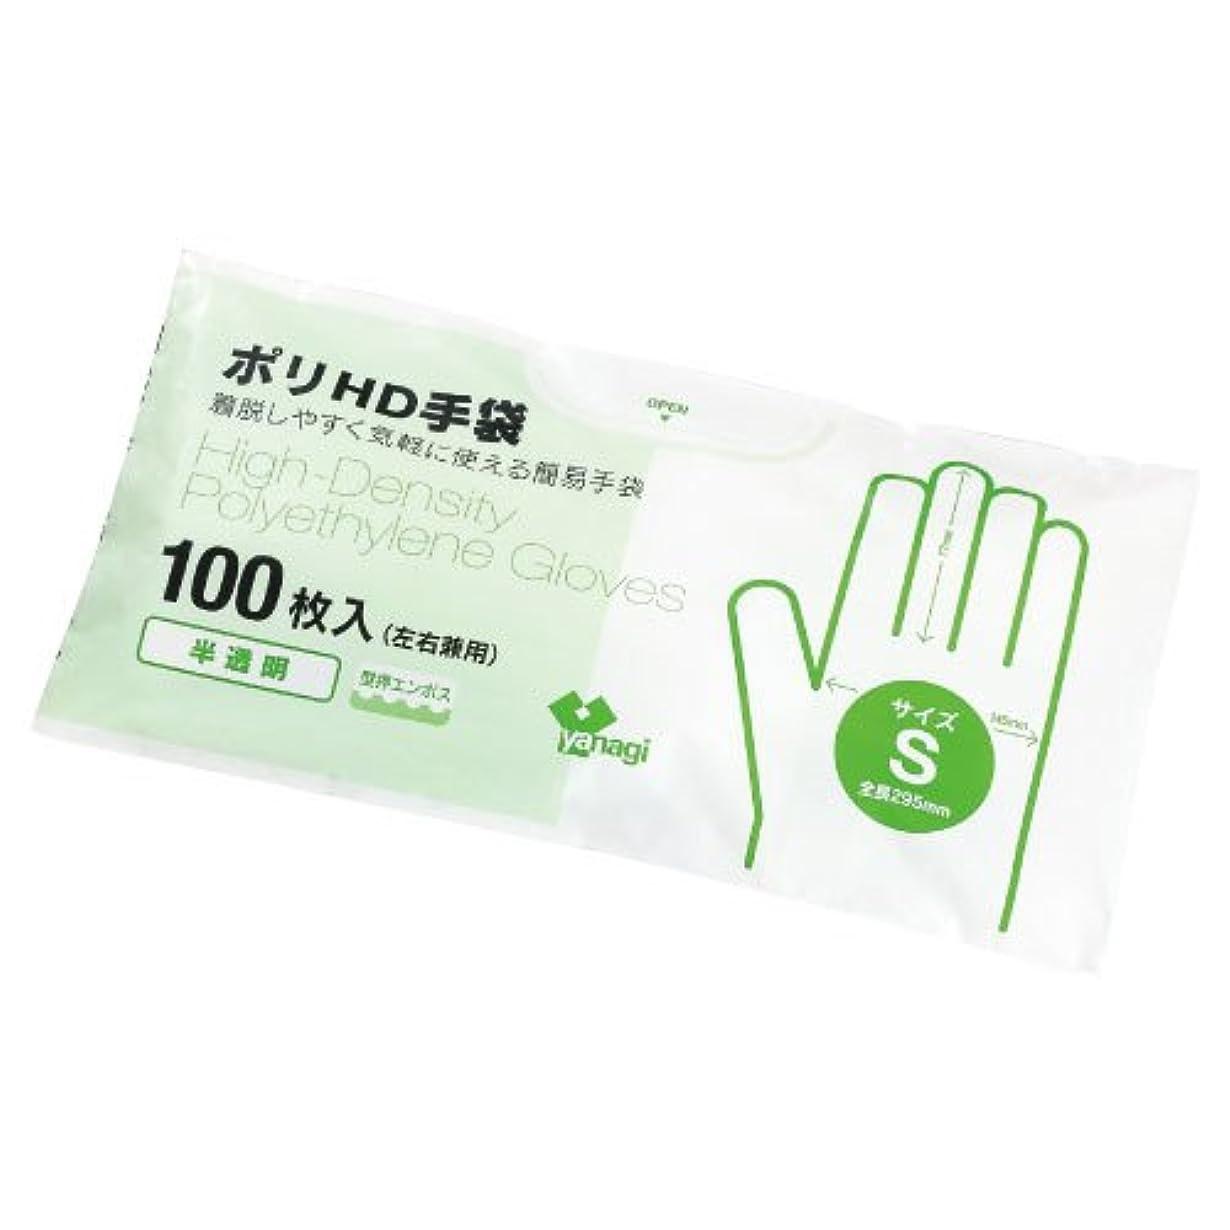 汚れる旋律的深さポリHD手袋(半透明)型押エンボス TB-202(S)100???? ???HD???????????????(24-2575-00)【やなぎプロダクツ】[120袋単位]